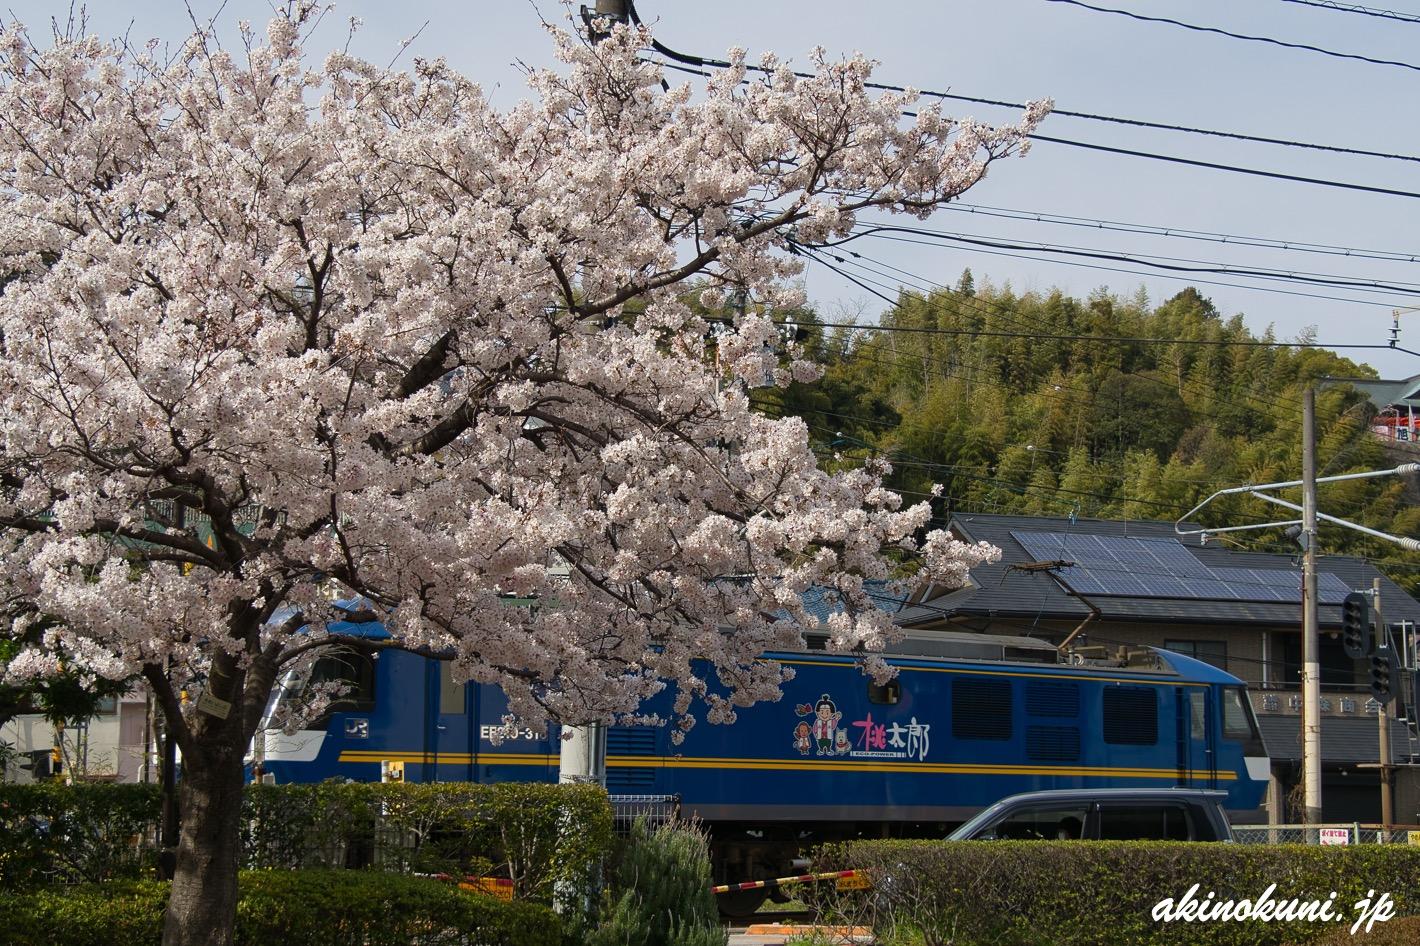 桜とEF210桃太郎 2021年